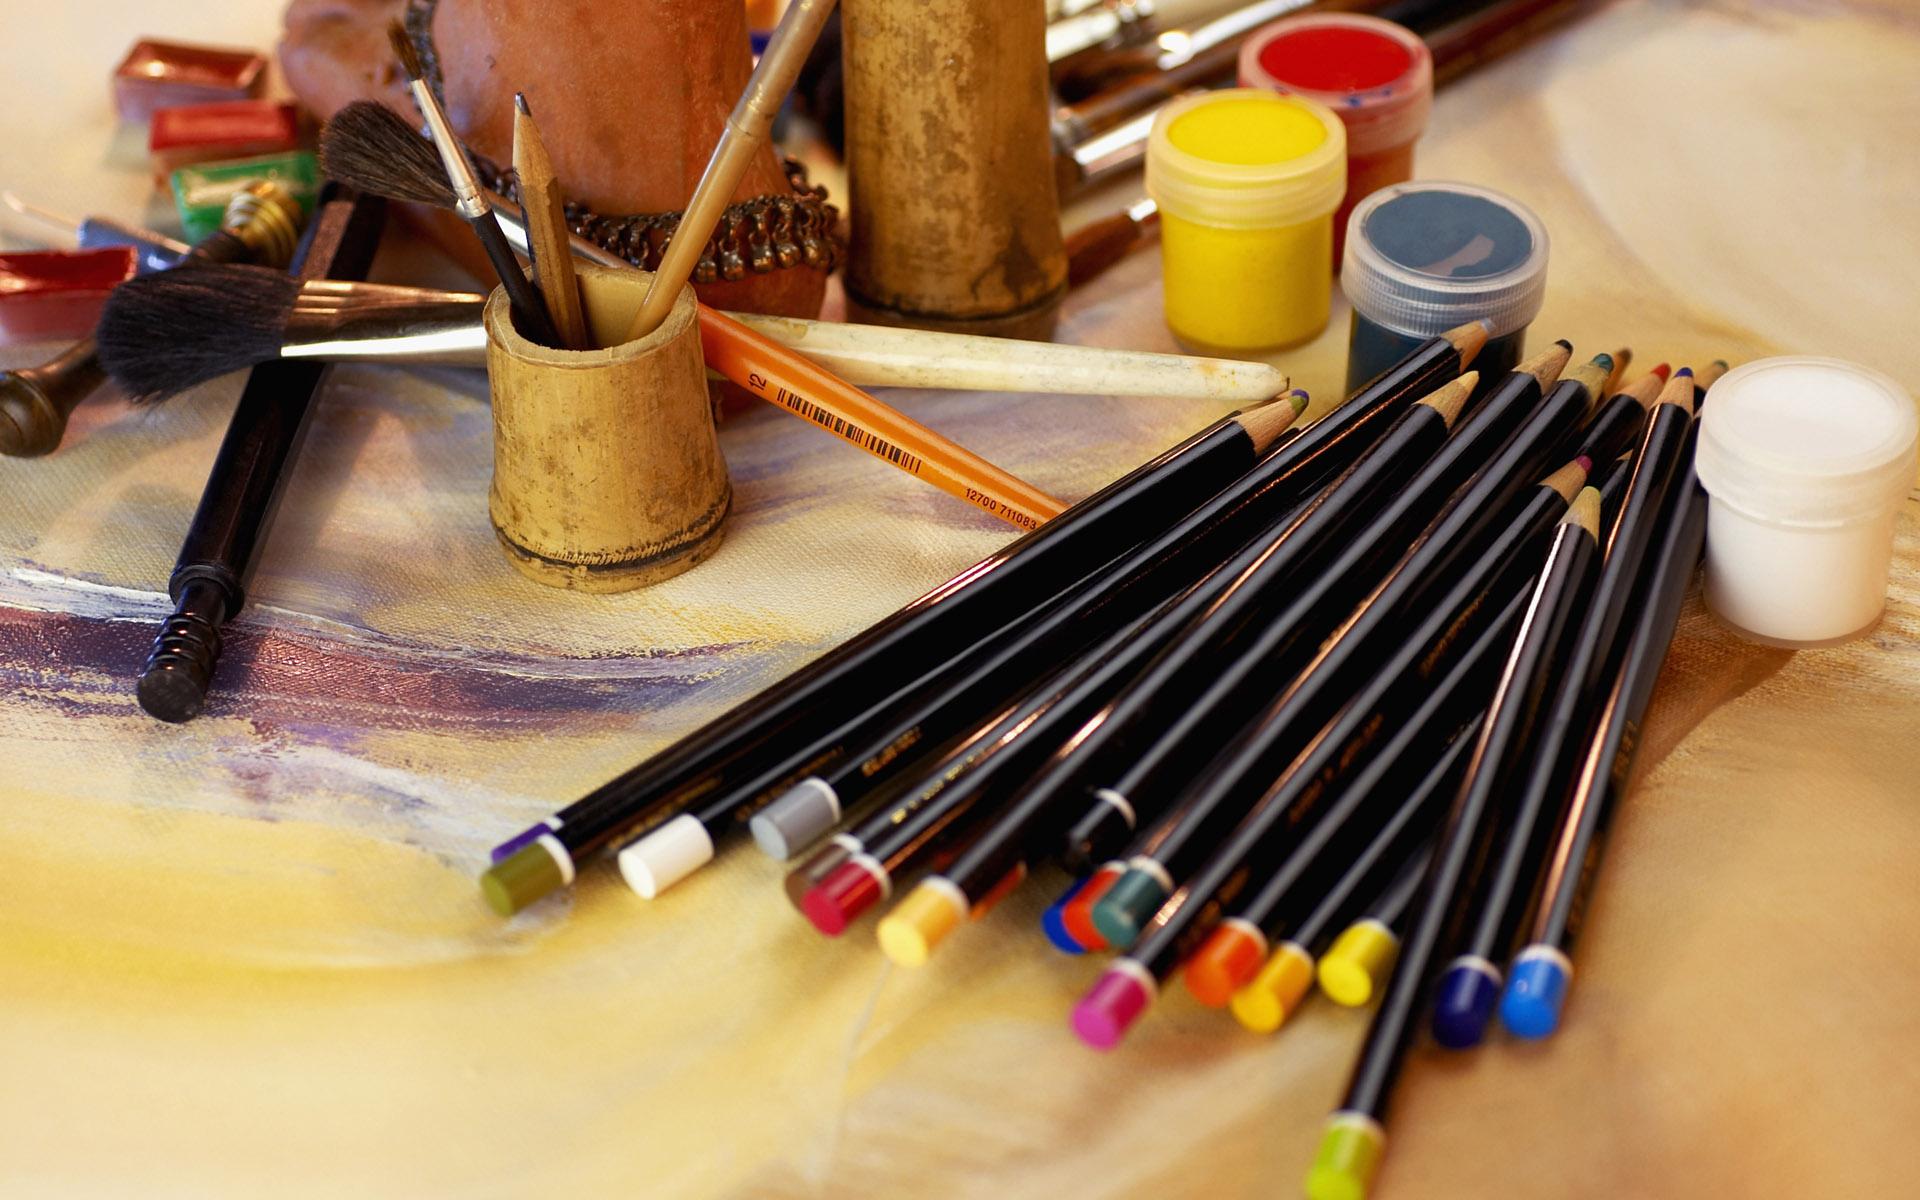 Картинки про искусство мастерство, картинки прикольные